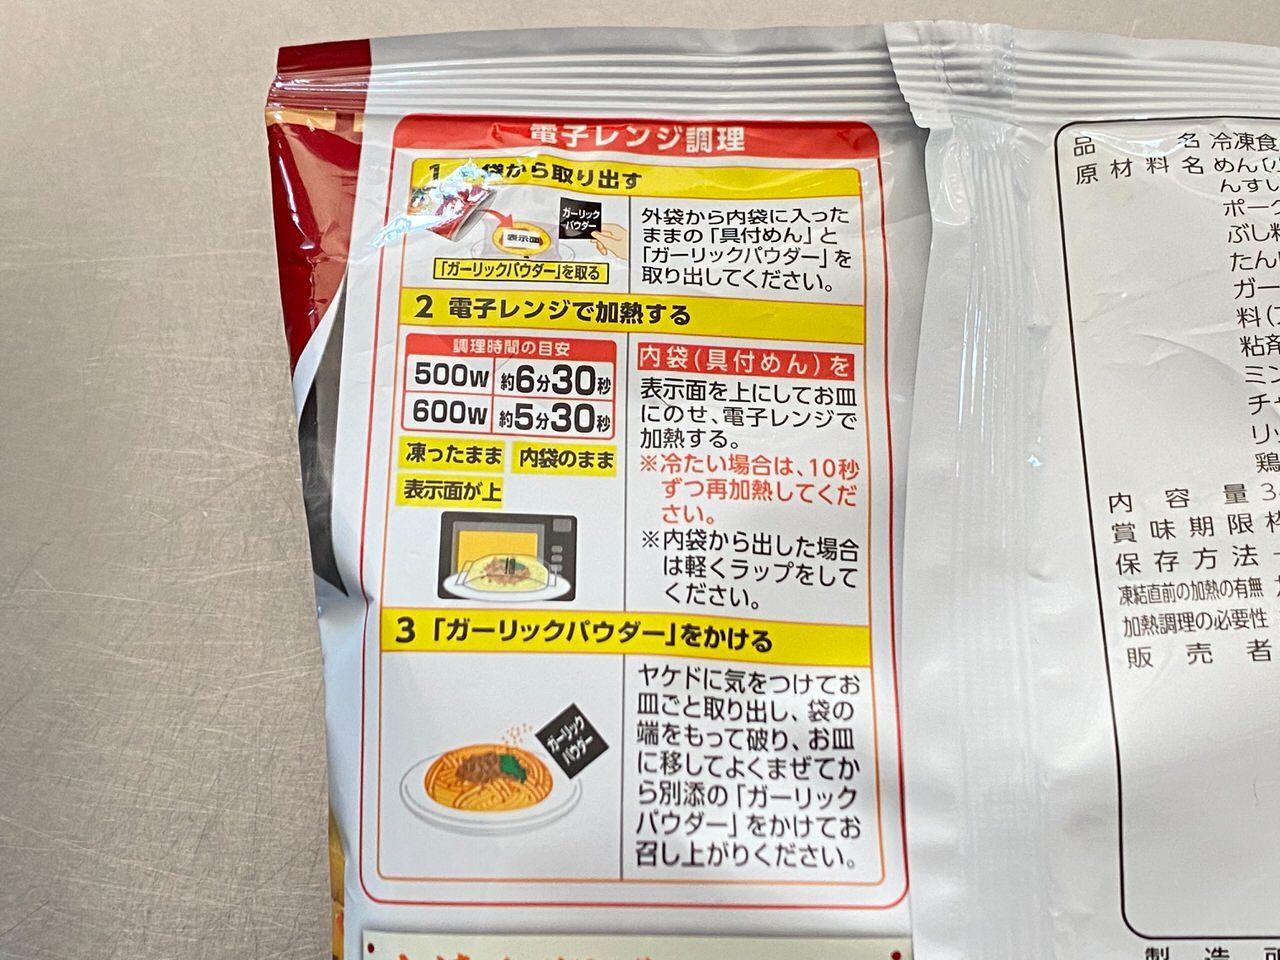 【ファミマ】「麺屋こころ監修 台湾まぜそば」 003 202103